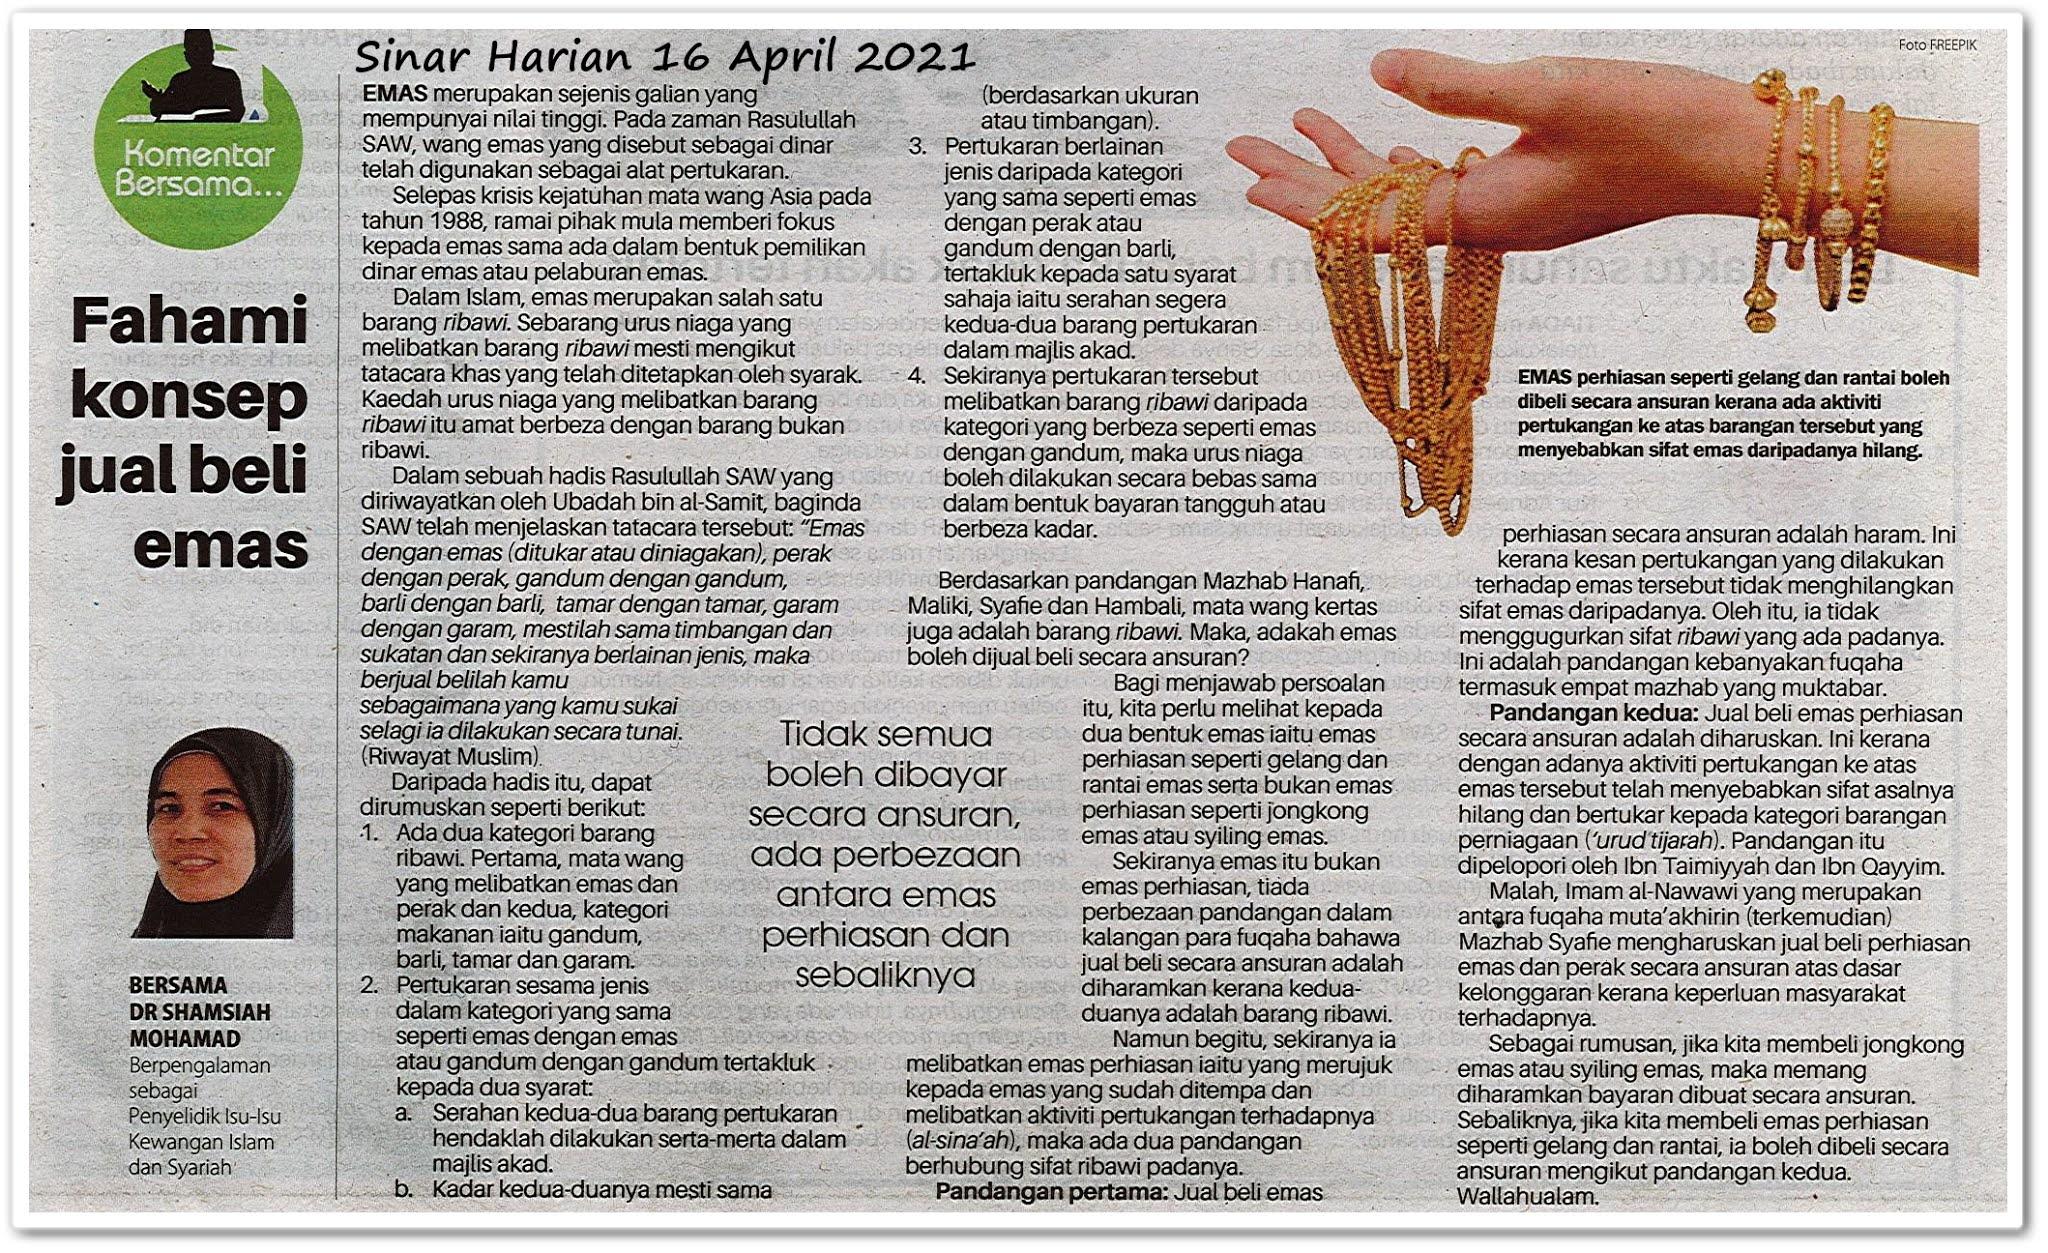 Fahami konsep jual beli emas - Keratan akhbar Sinar Harian 16 April 2021